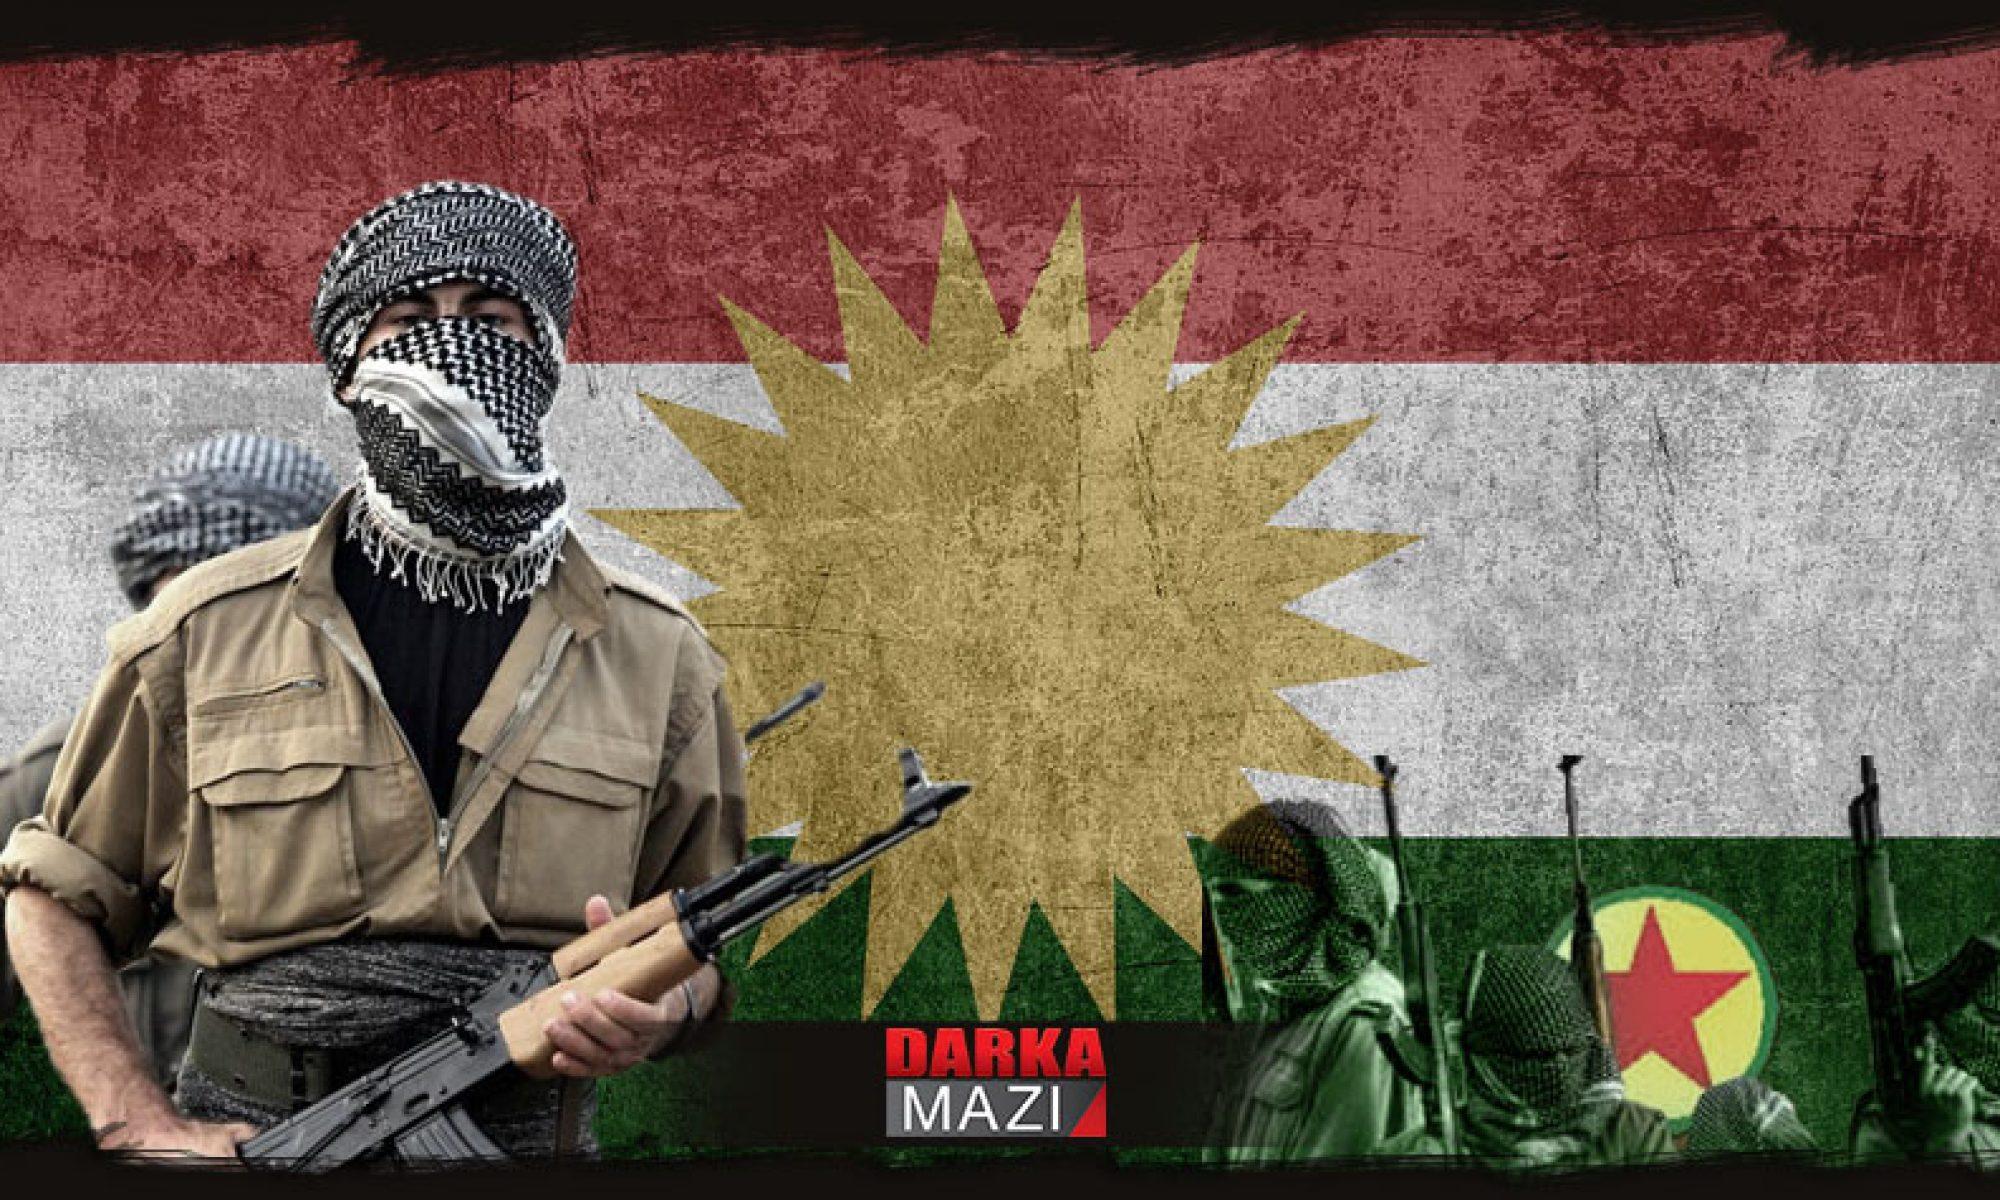 PKK Kürdistan Hükümetine karşı bu kez Şengalli Arapları harekete geçirdi: Arap Aşiret liderleri Kazımi''yi ziyaret etti, Bağdat, Hewler, Peşmerge